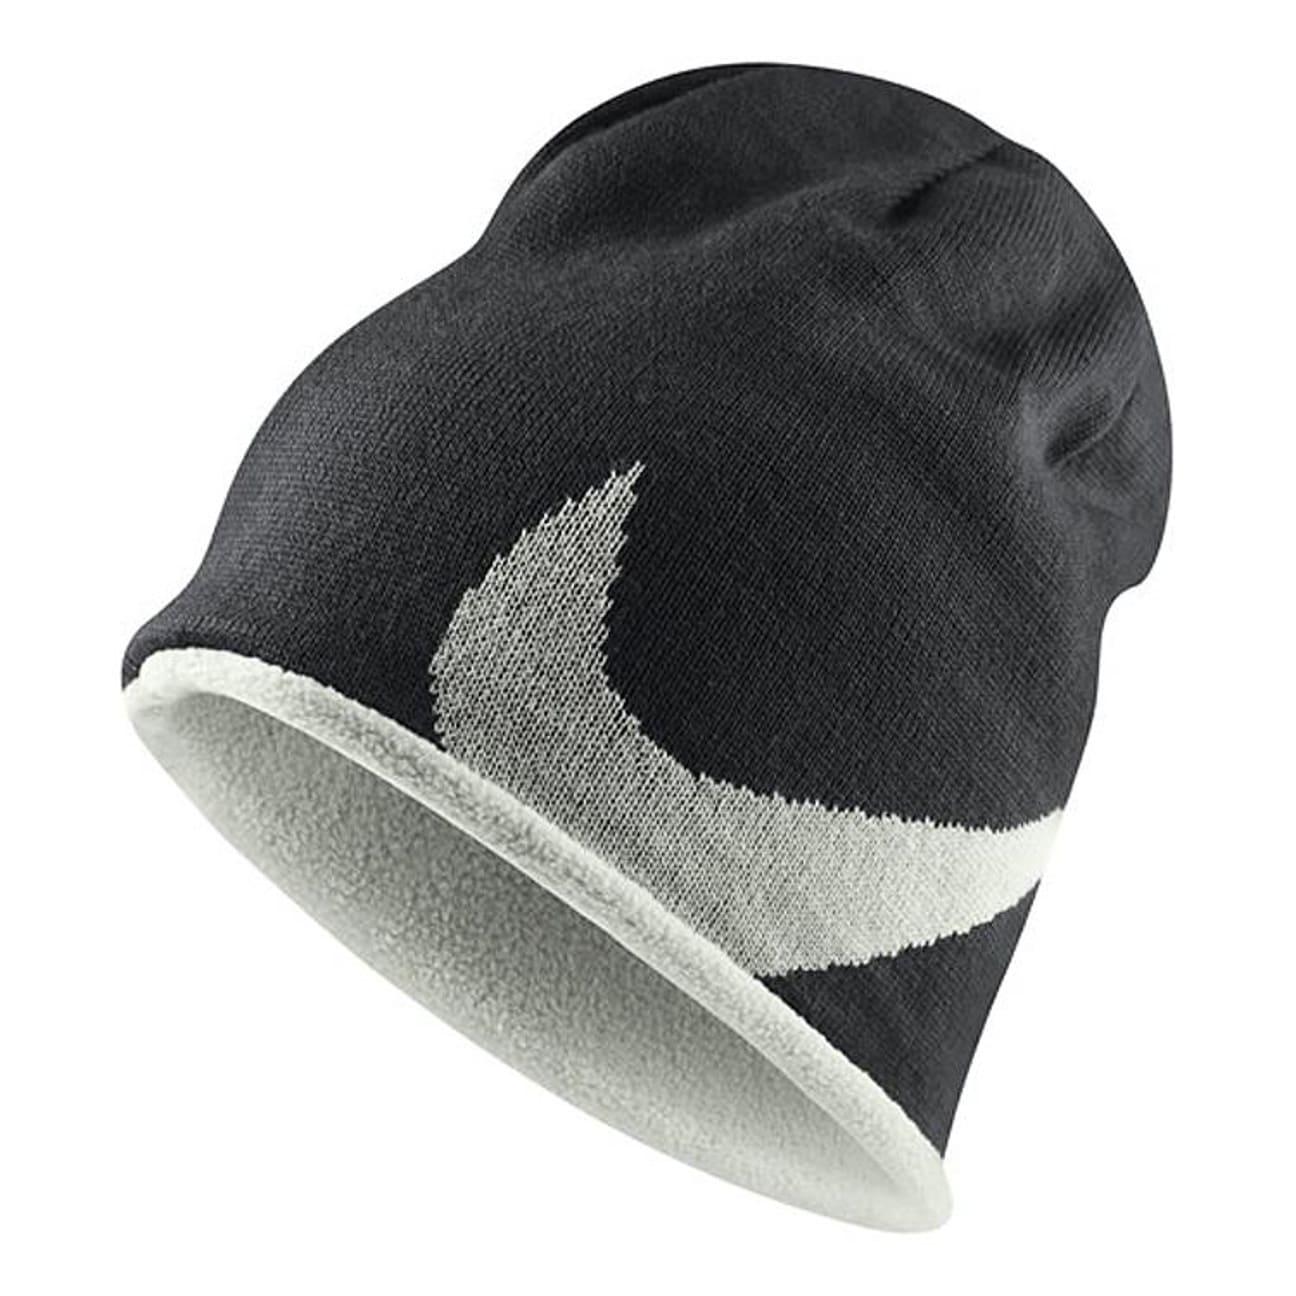 ... Reversible Fleece Beanie by Nike - black 1 ... 1070d58af76